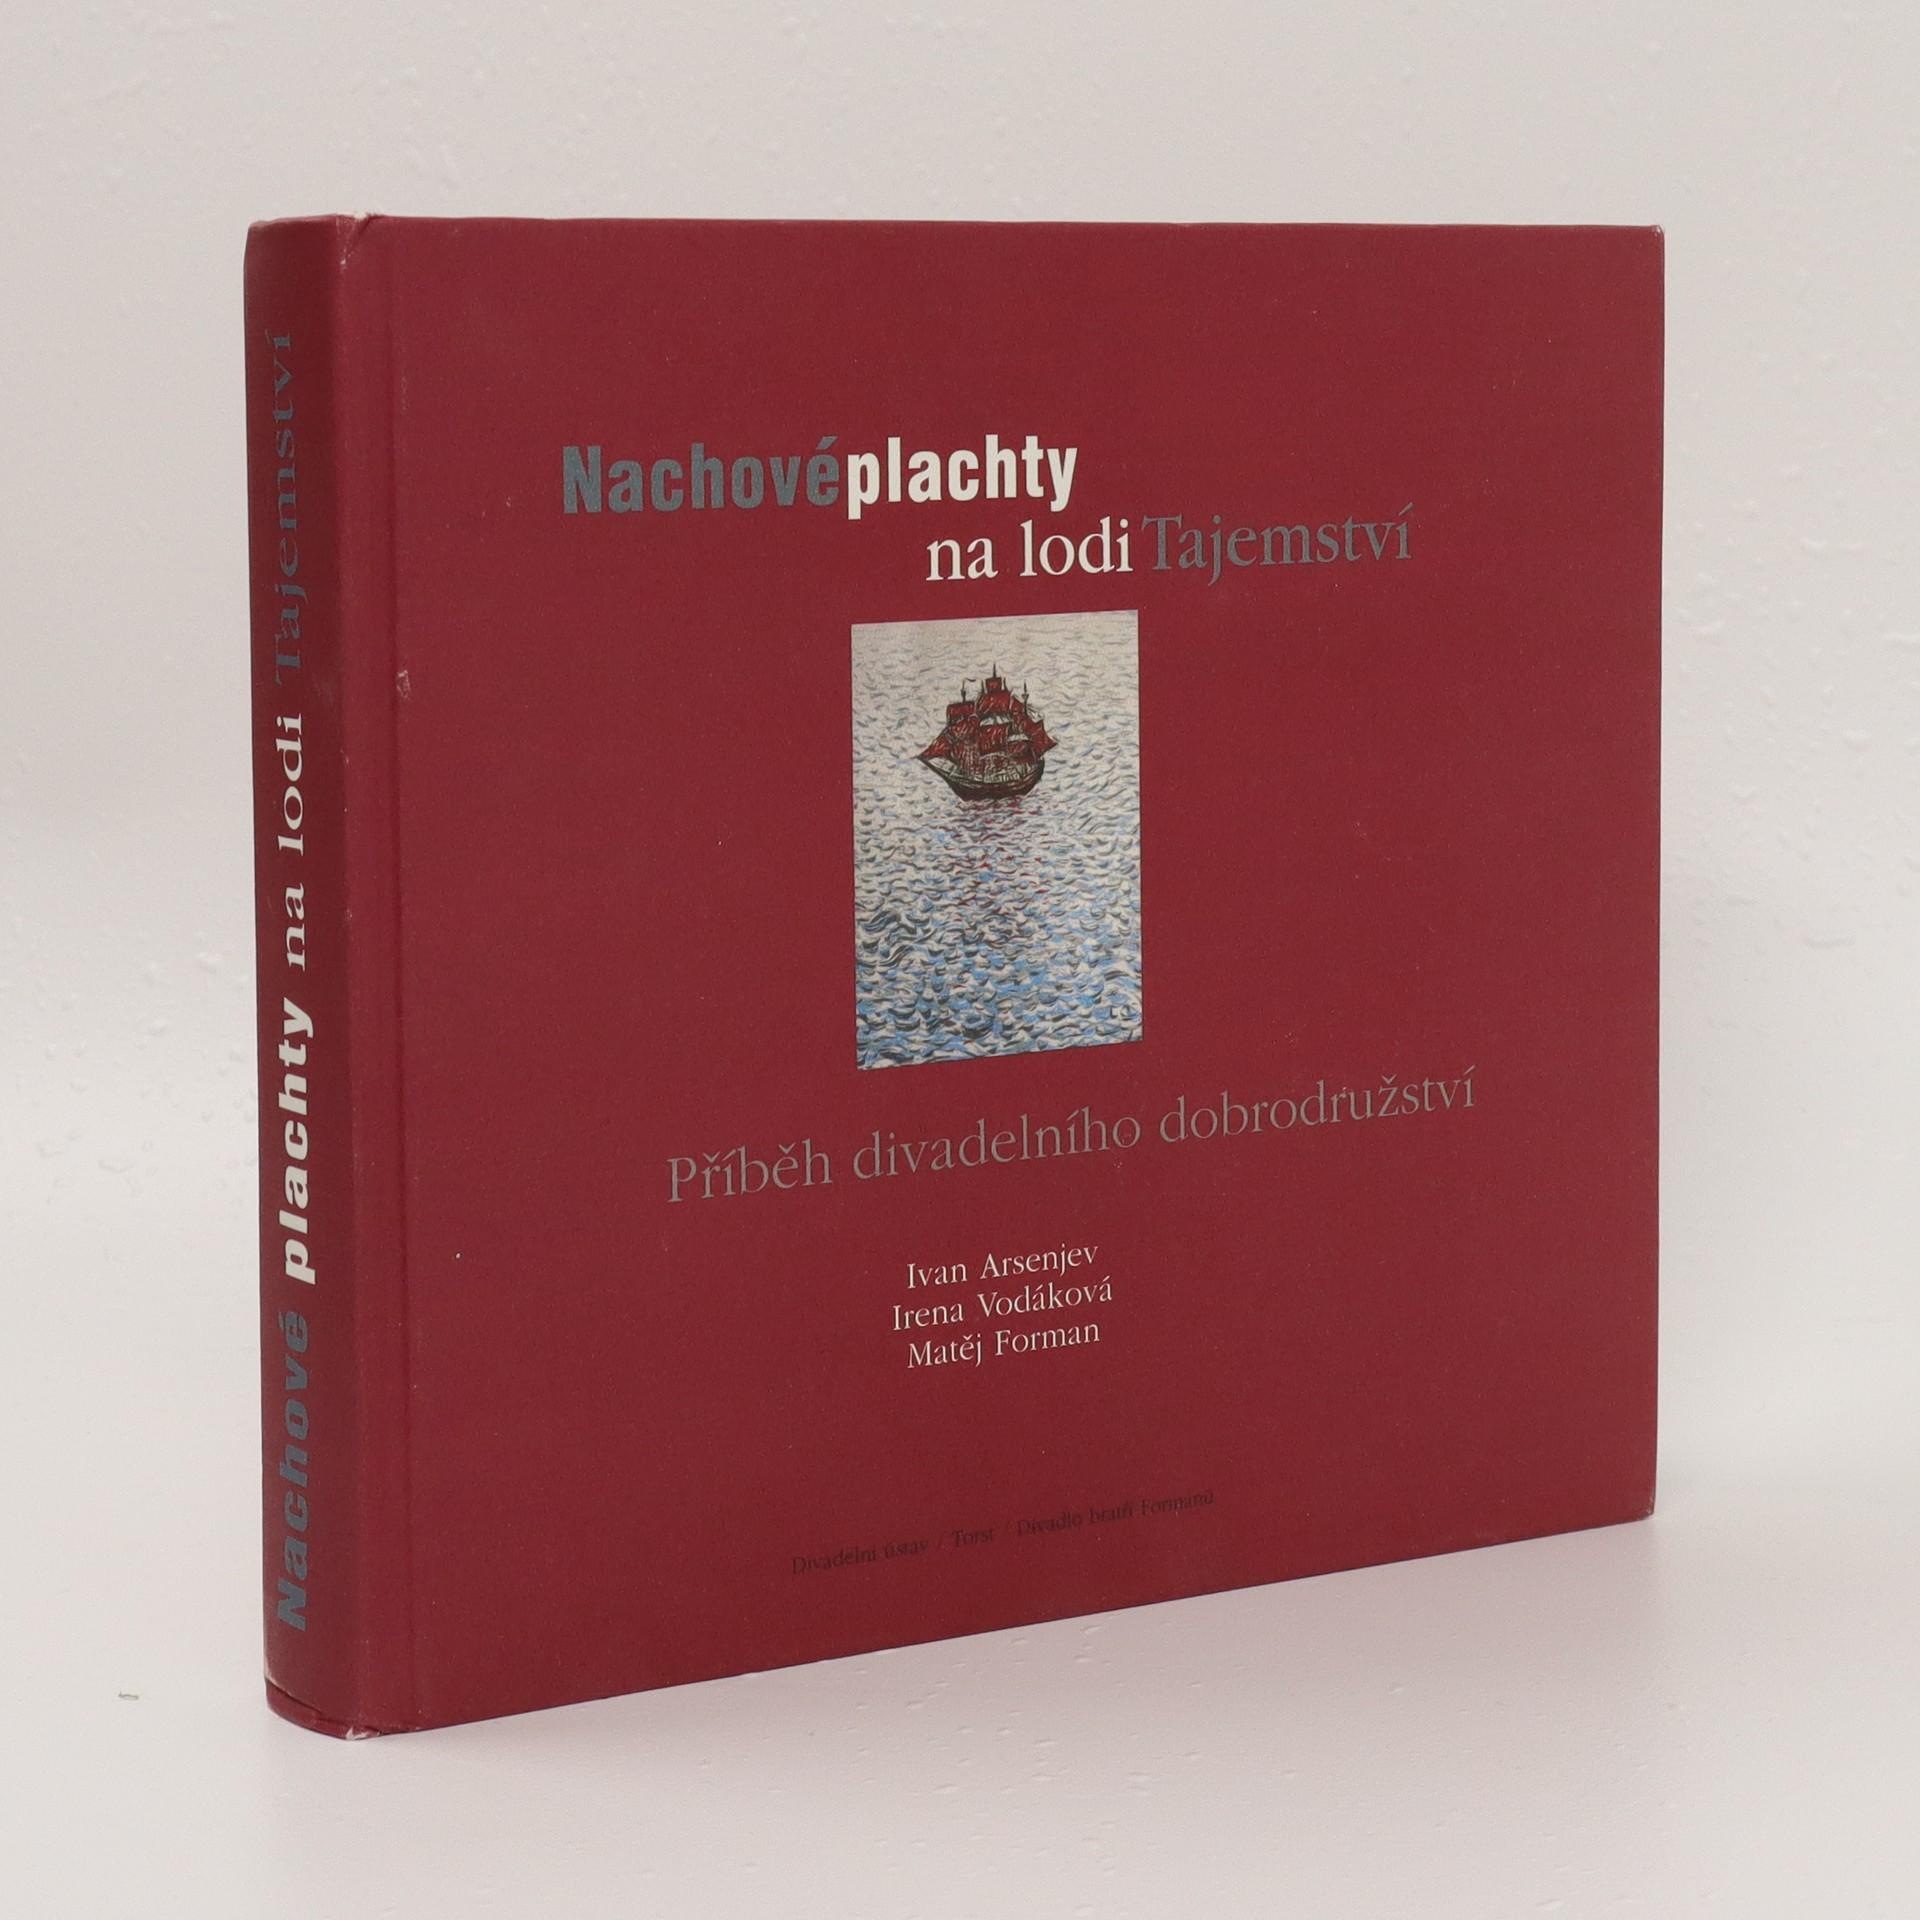 antikvární kniha Nachové plachty na lodi Tajemství : příběh divadelního dobrodružství, 2007